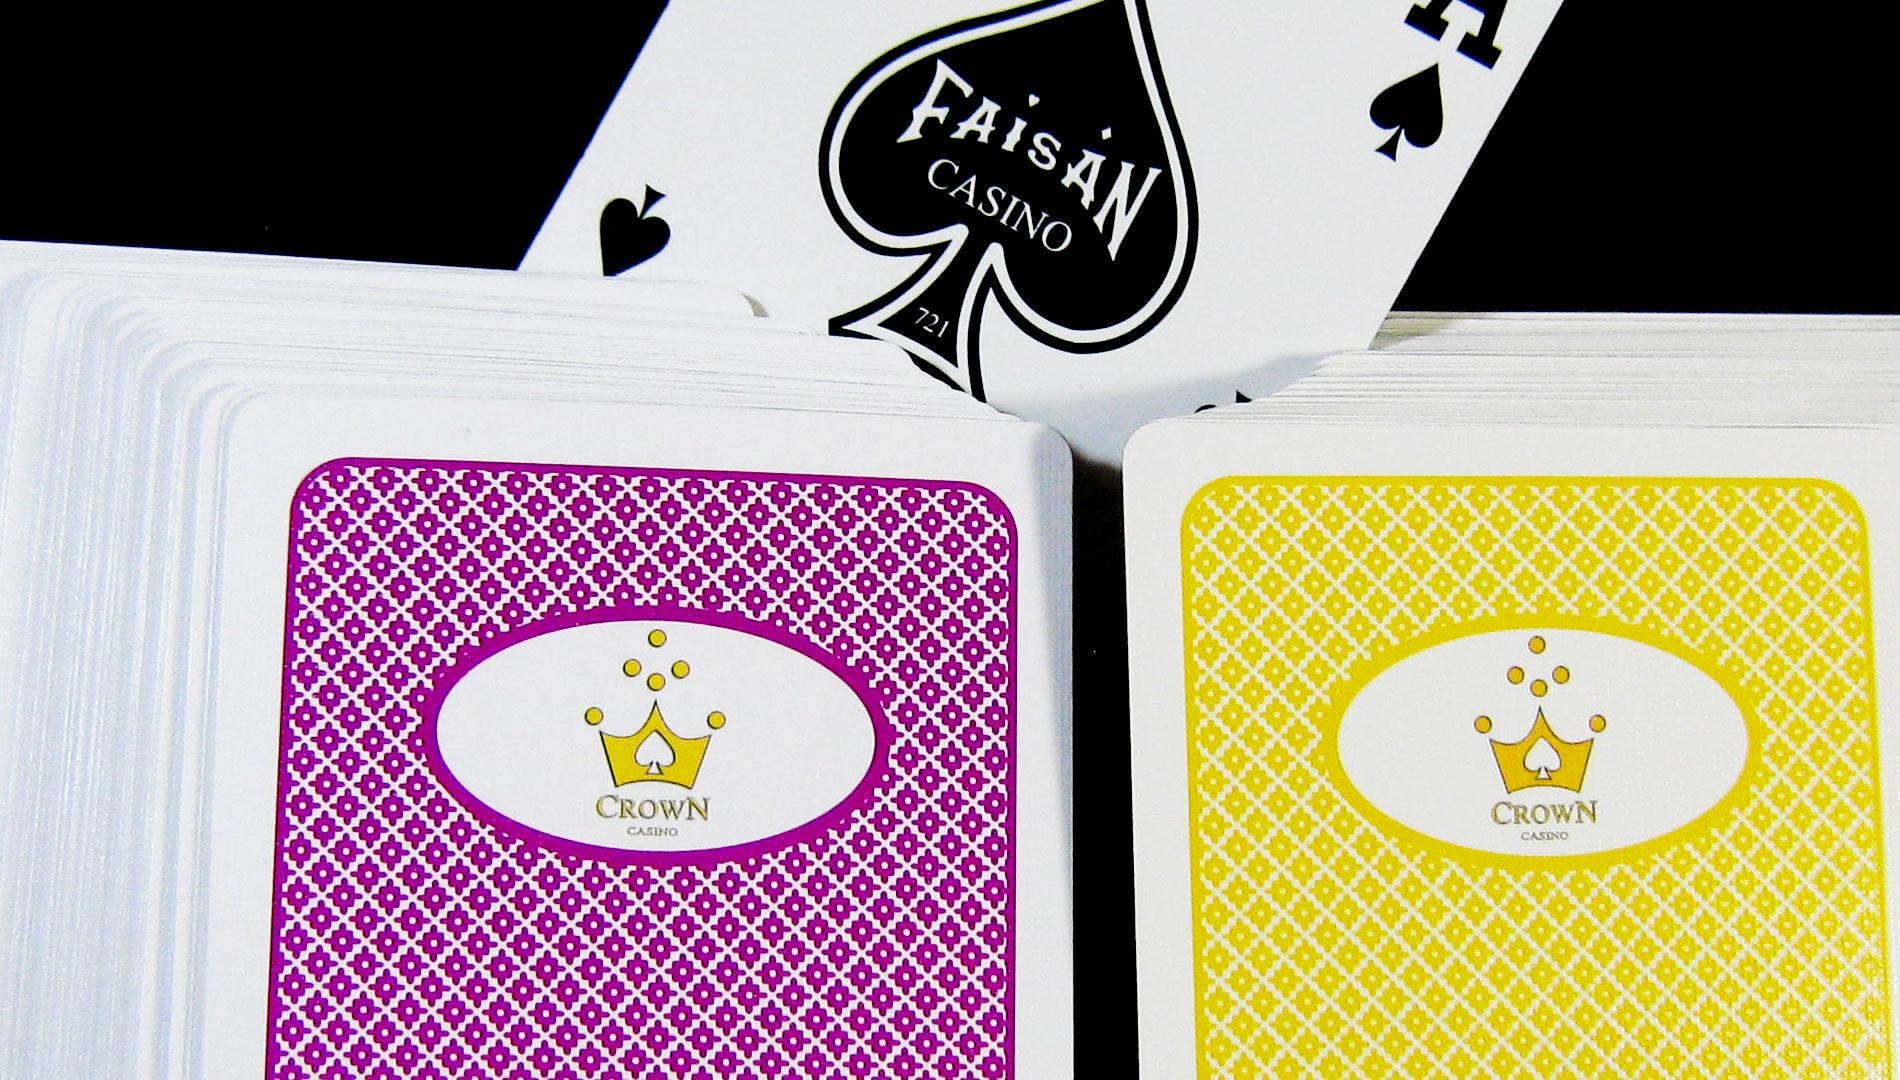 juego de barniz de casino